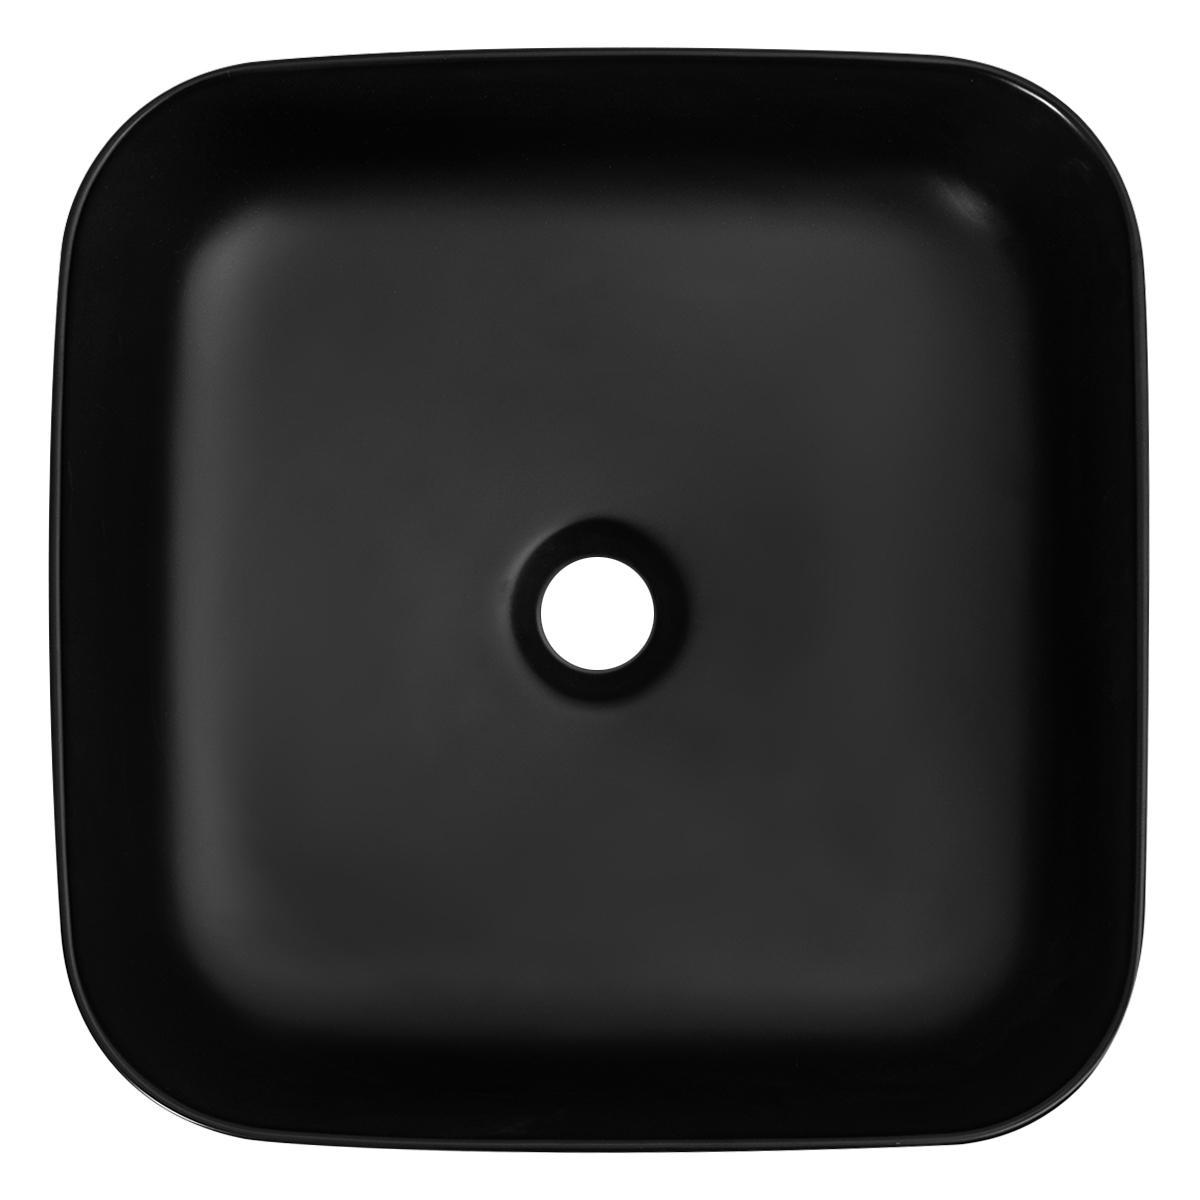 Bowl Lutxi Cuadrado Negro Mate - 3.85X3.85X14 cm